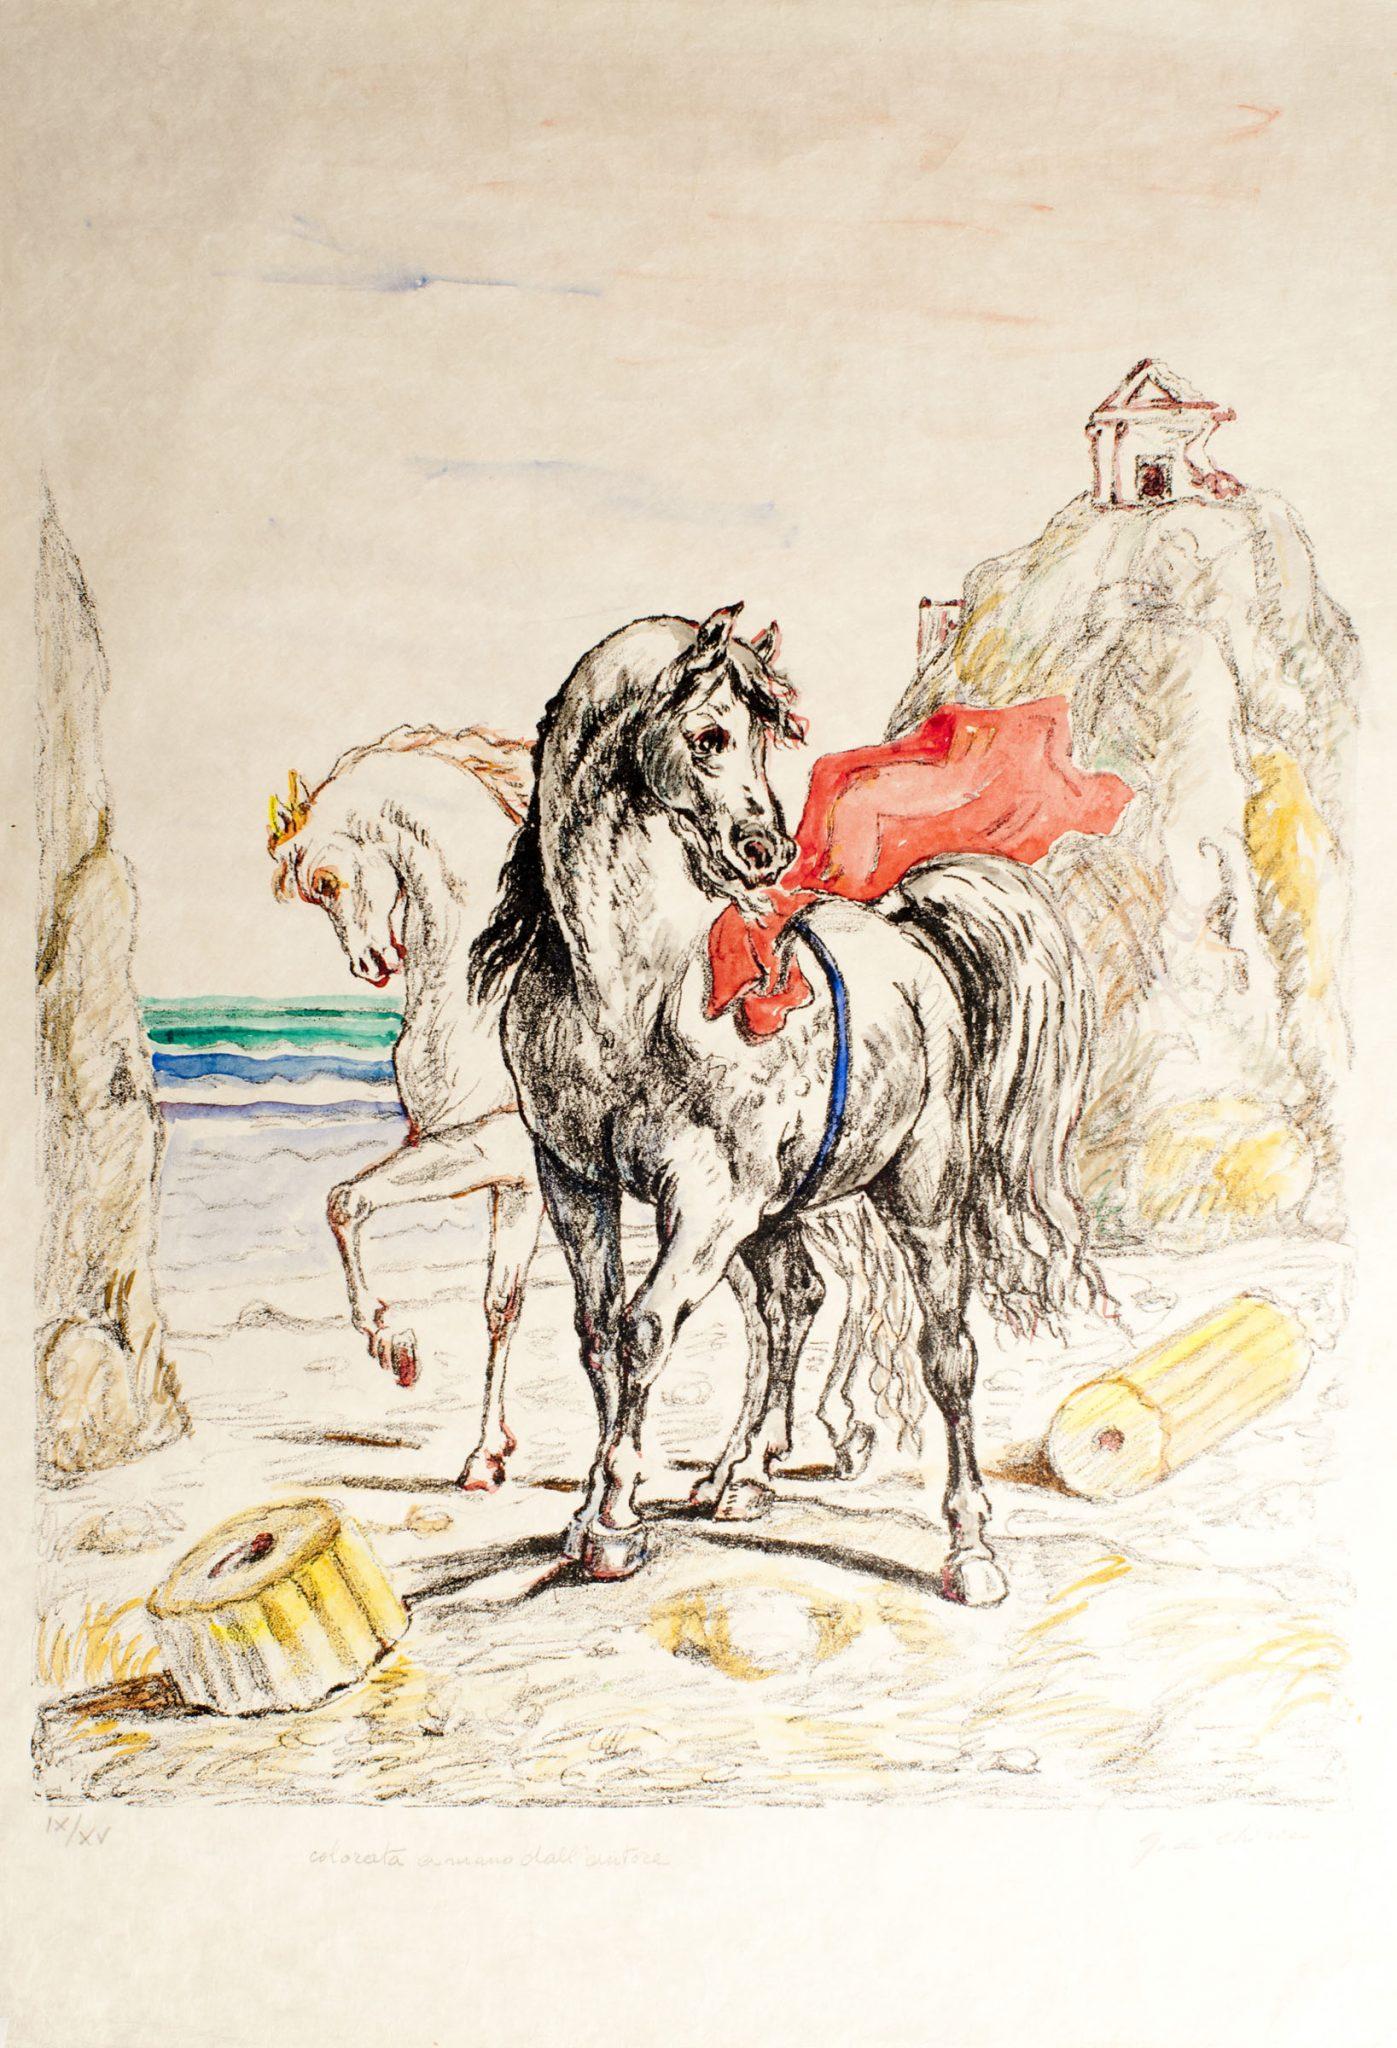 Giorgio de Chirico, Cavalli antichi, 1969. Litografia colorata a mano dall'artista